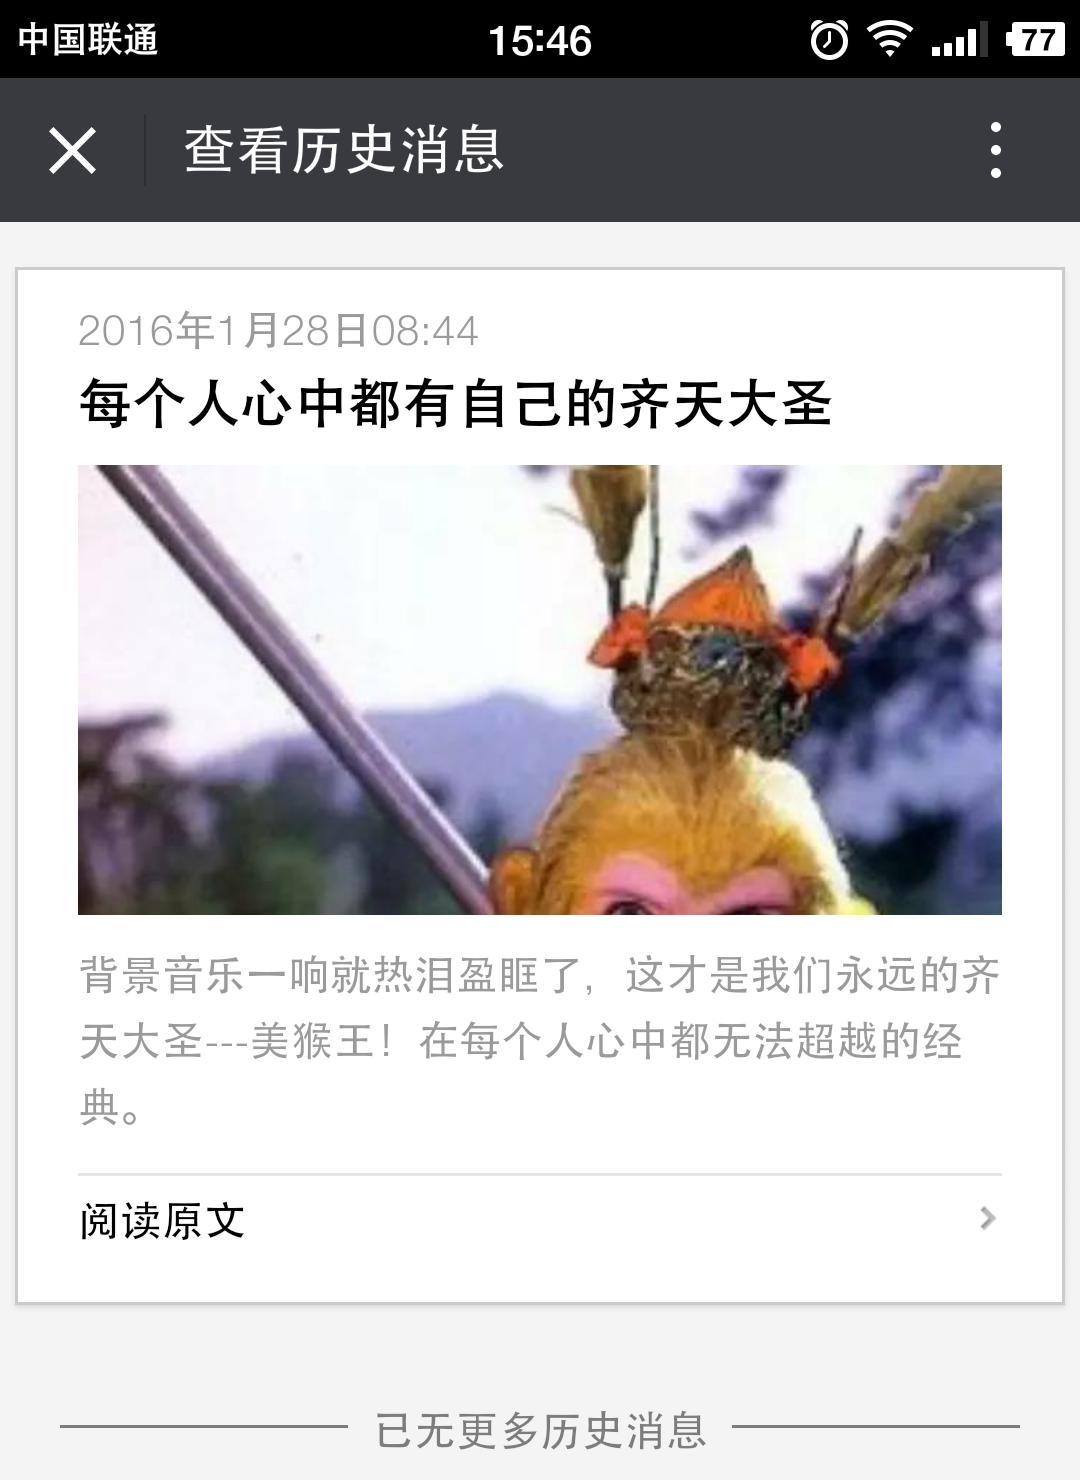 Screenshot_2016-02-11-15-46-50-654_微信.png